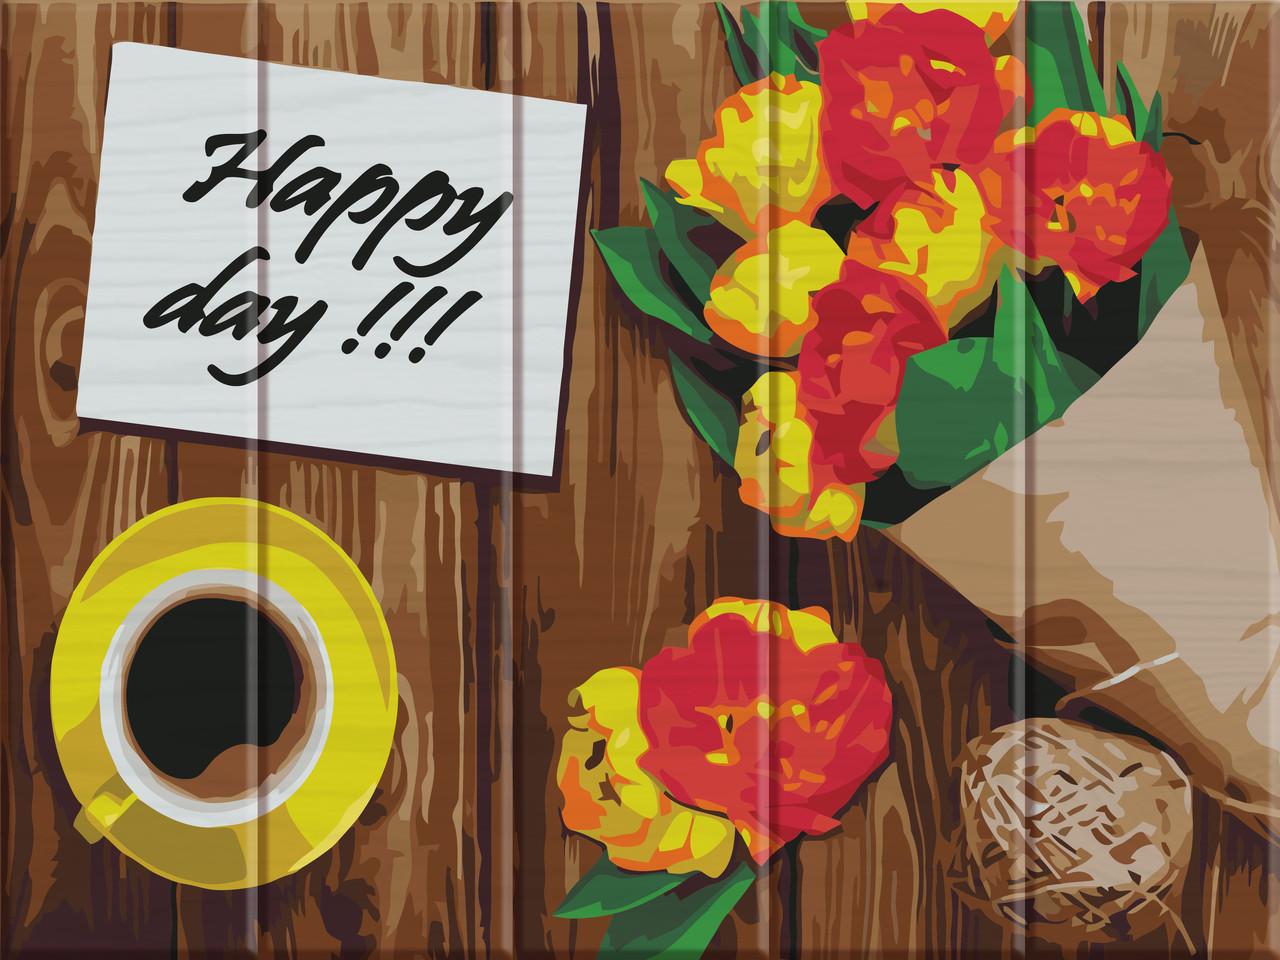 Картина по номерам Happy day 30 х 40 см (ASW027)